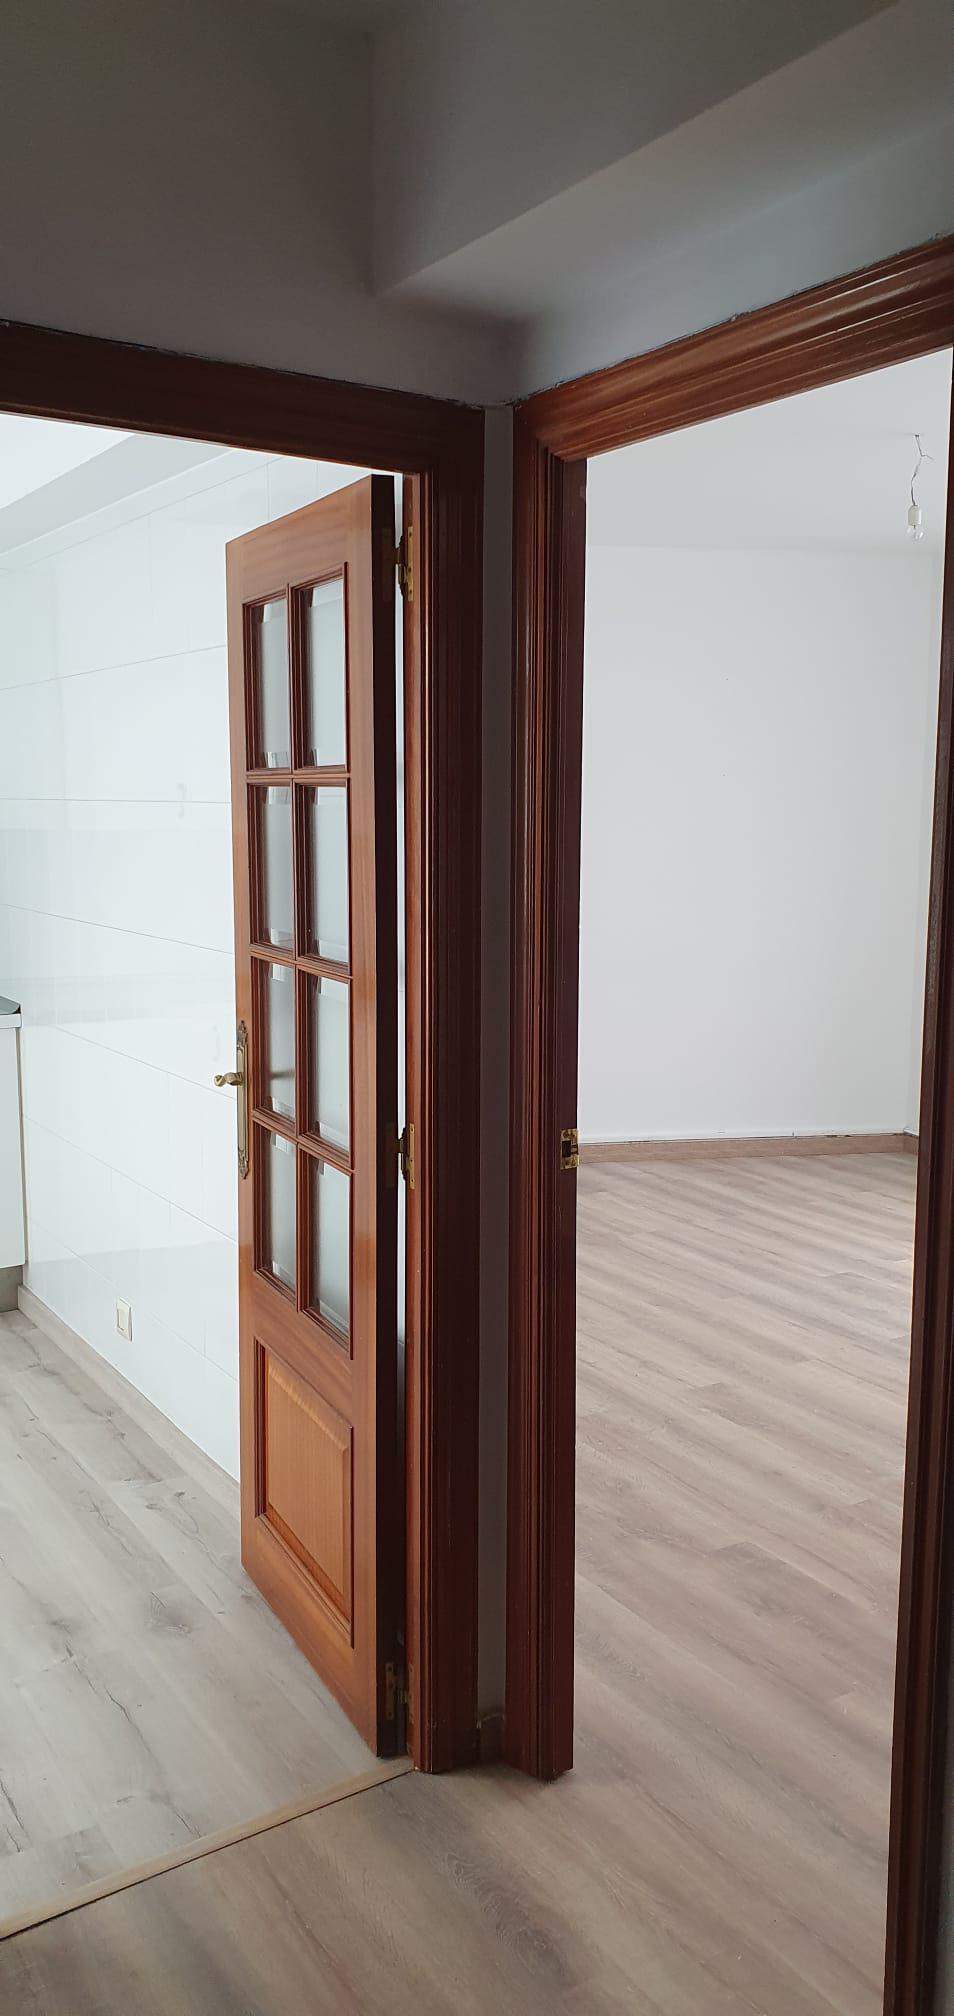 Imagen 4 Apartamento en venta en Coruña A / Oportunidad para inversión alta rentabilidad